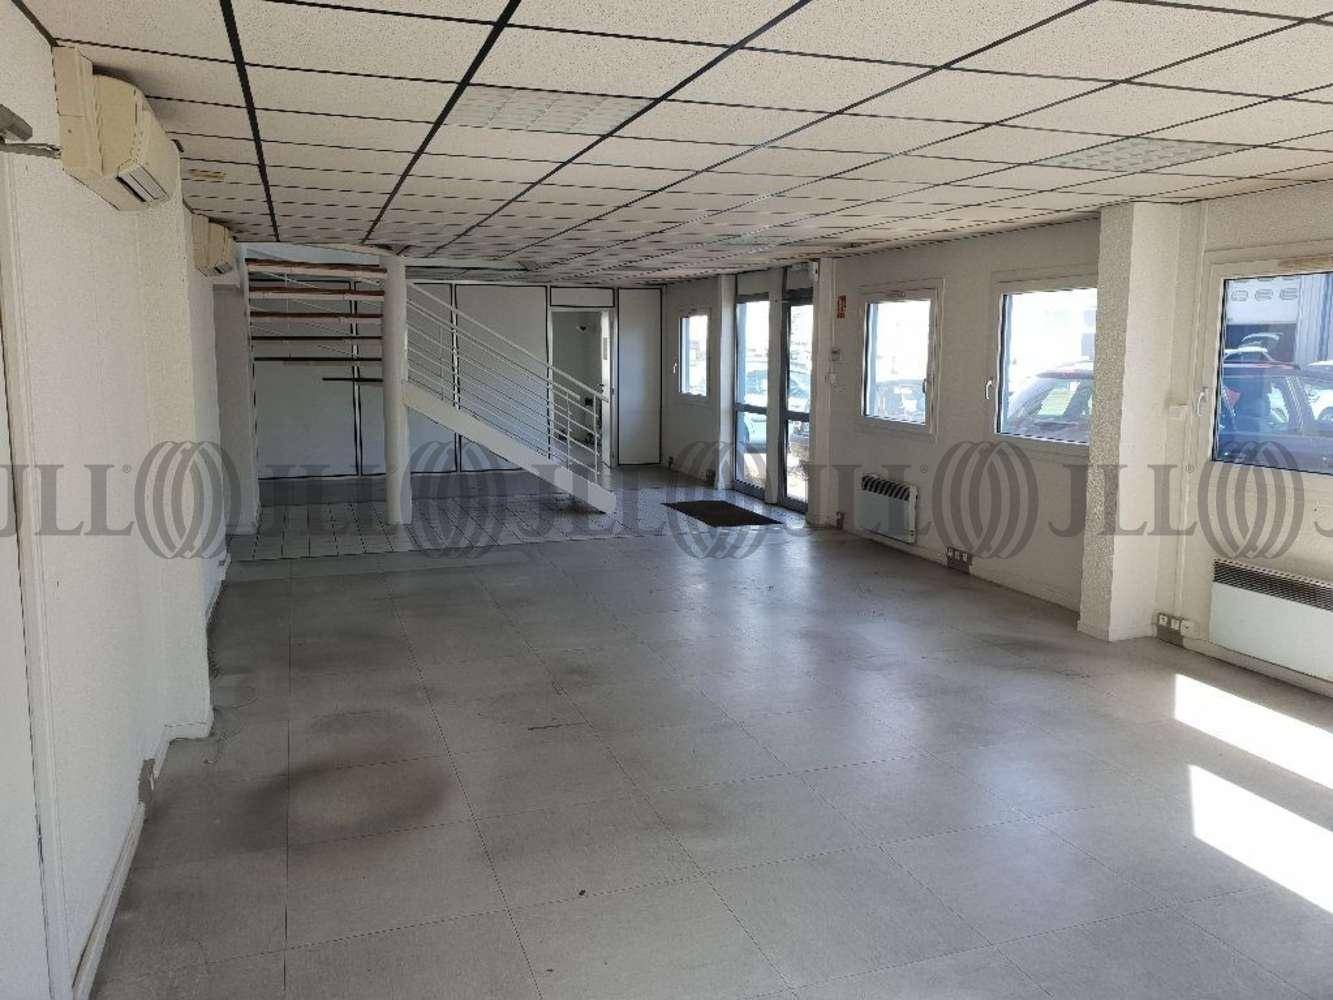 Activités/entrepôt Feyzin, 69320 - Location locaux d'activité Feyzin (69) - 10031790